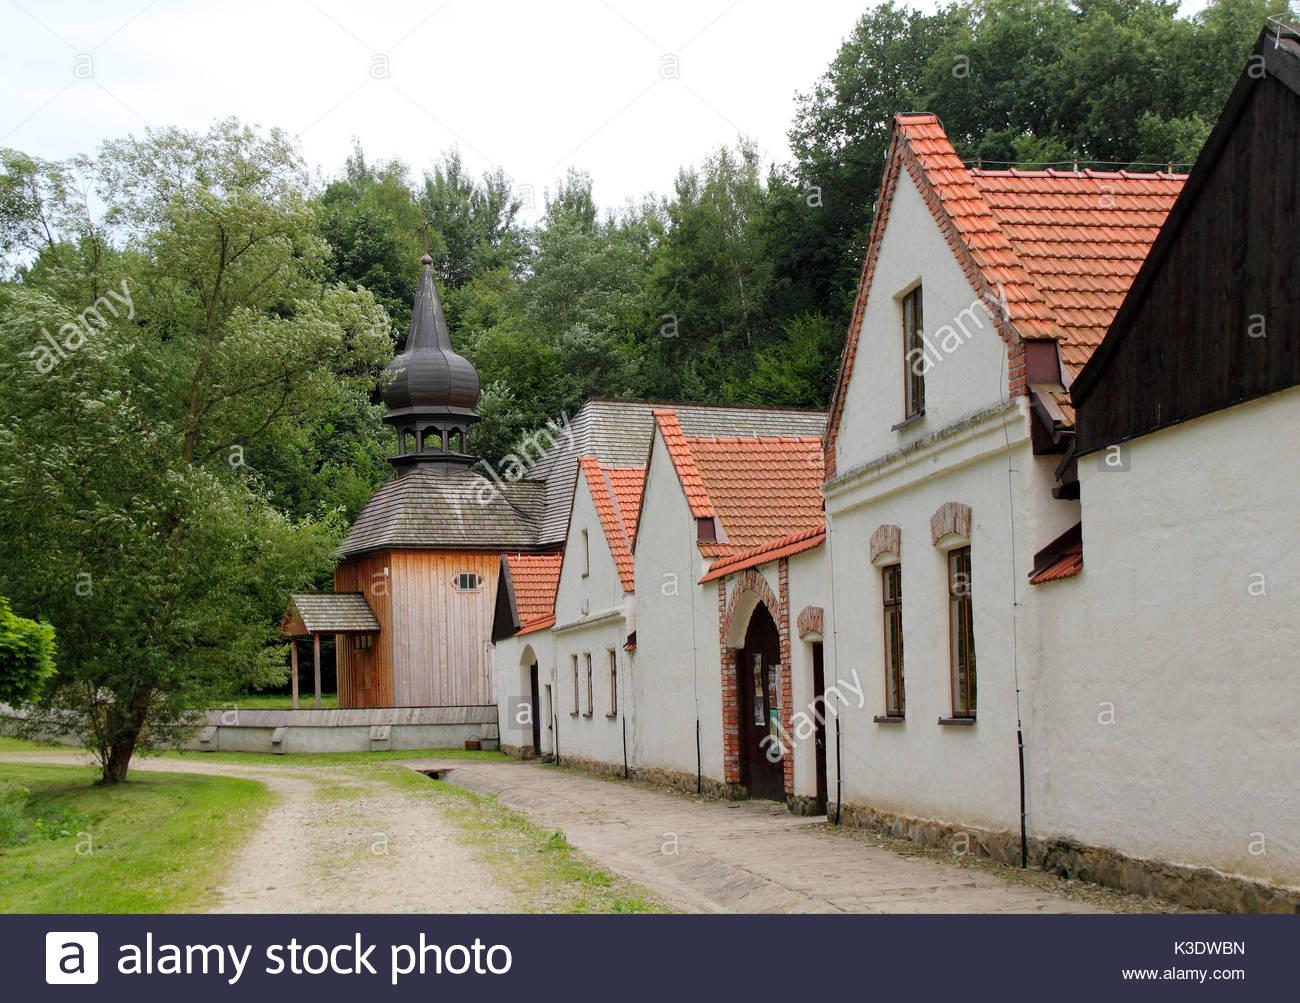 Ethnography museum, Nowy Sacz, Poland, - Stock Image